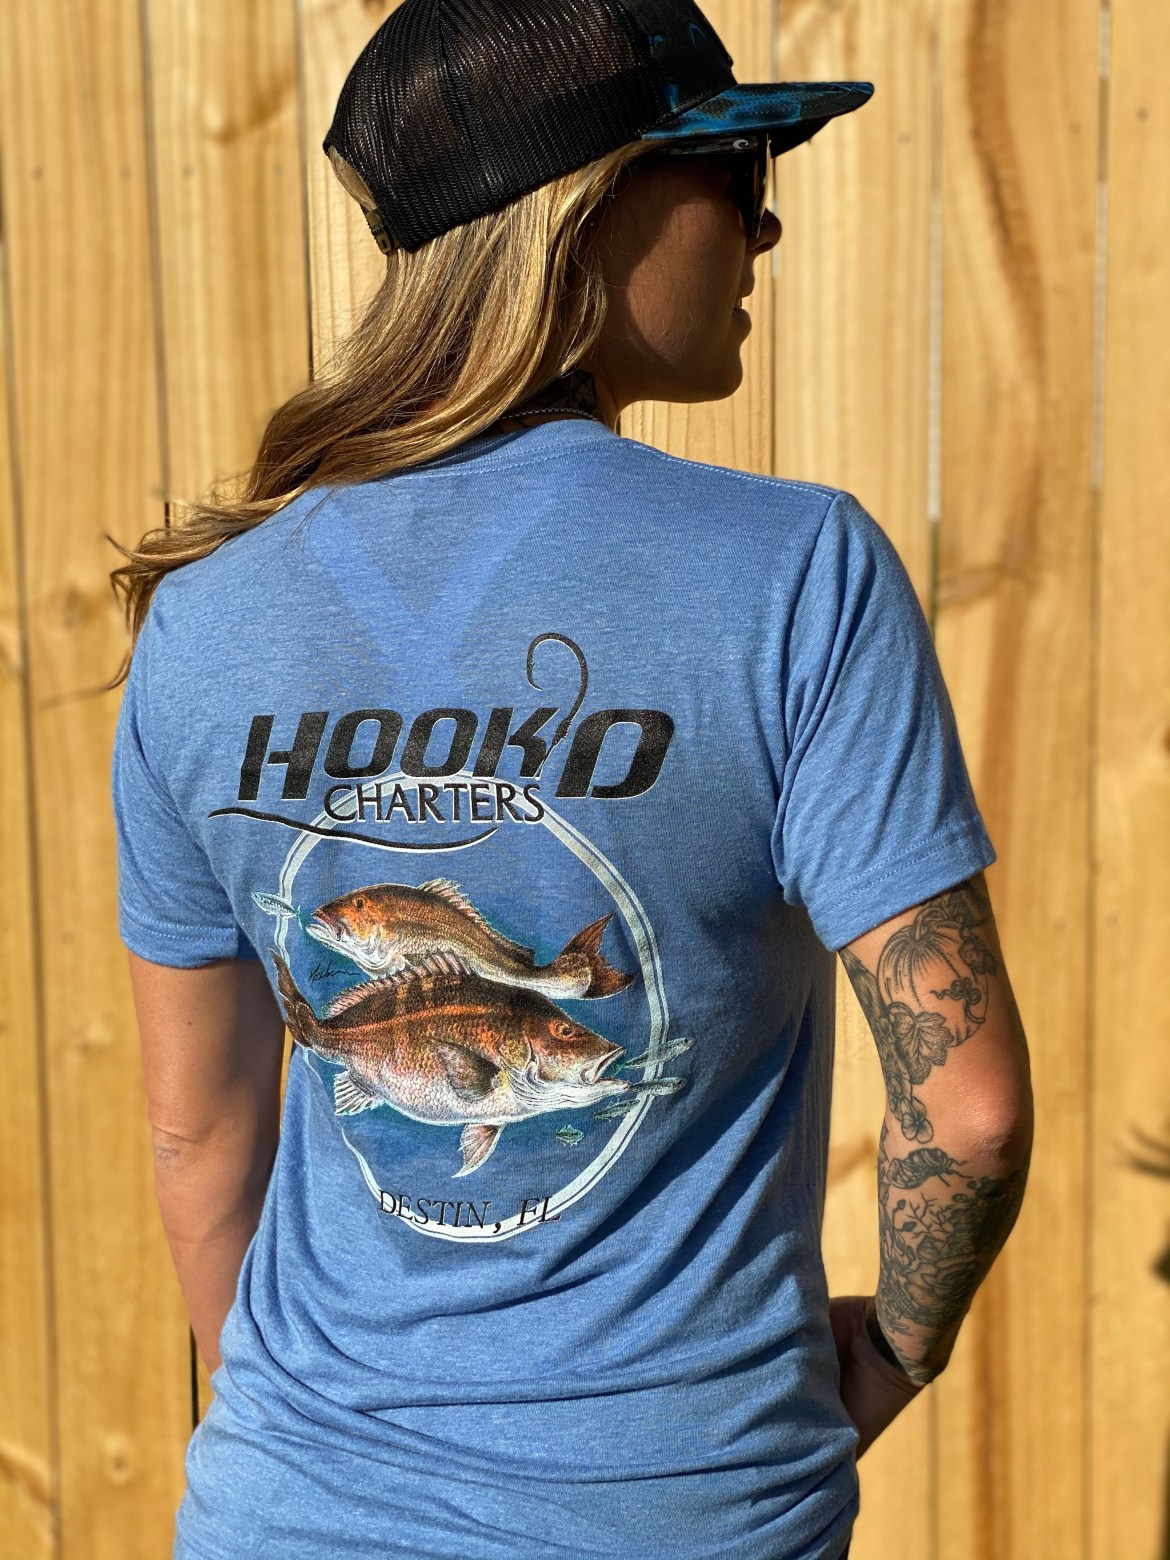 Hook'D T-Shirt